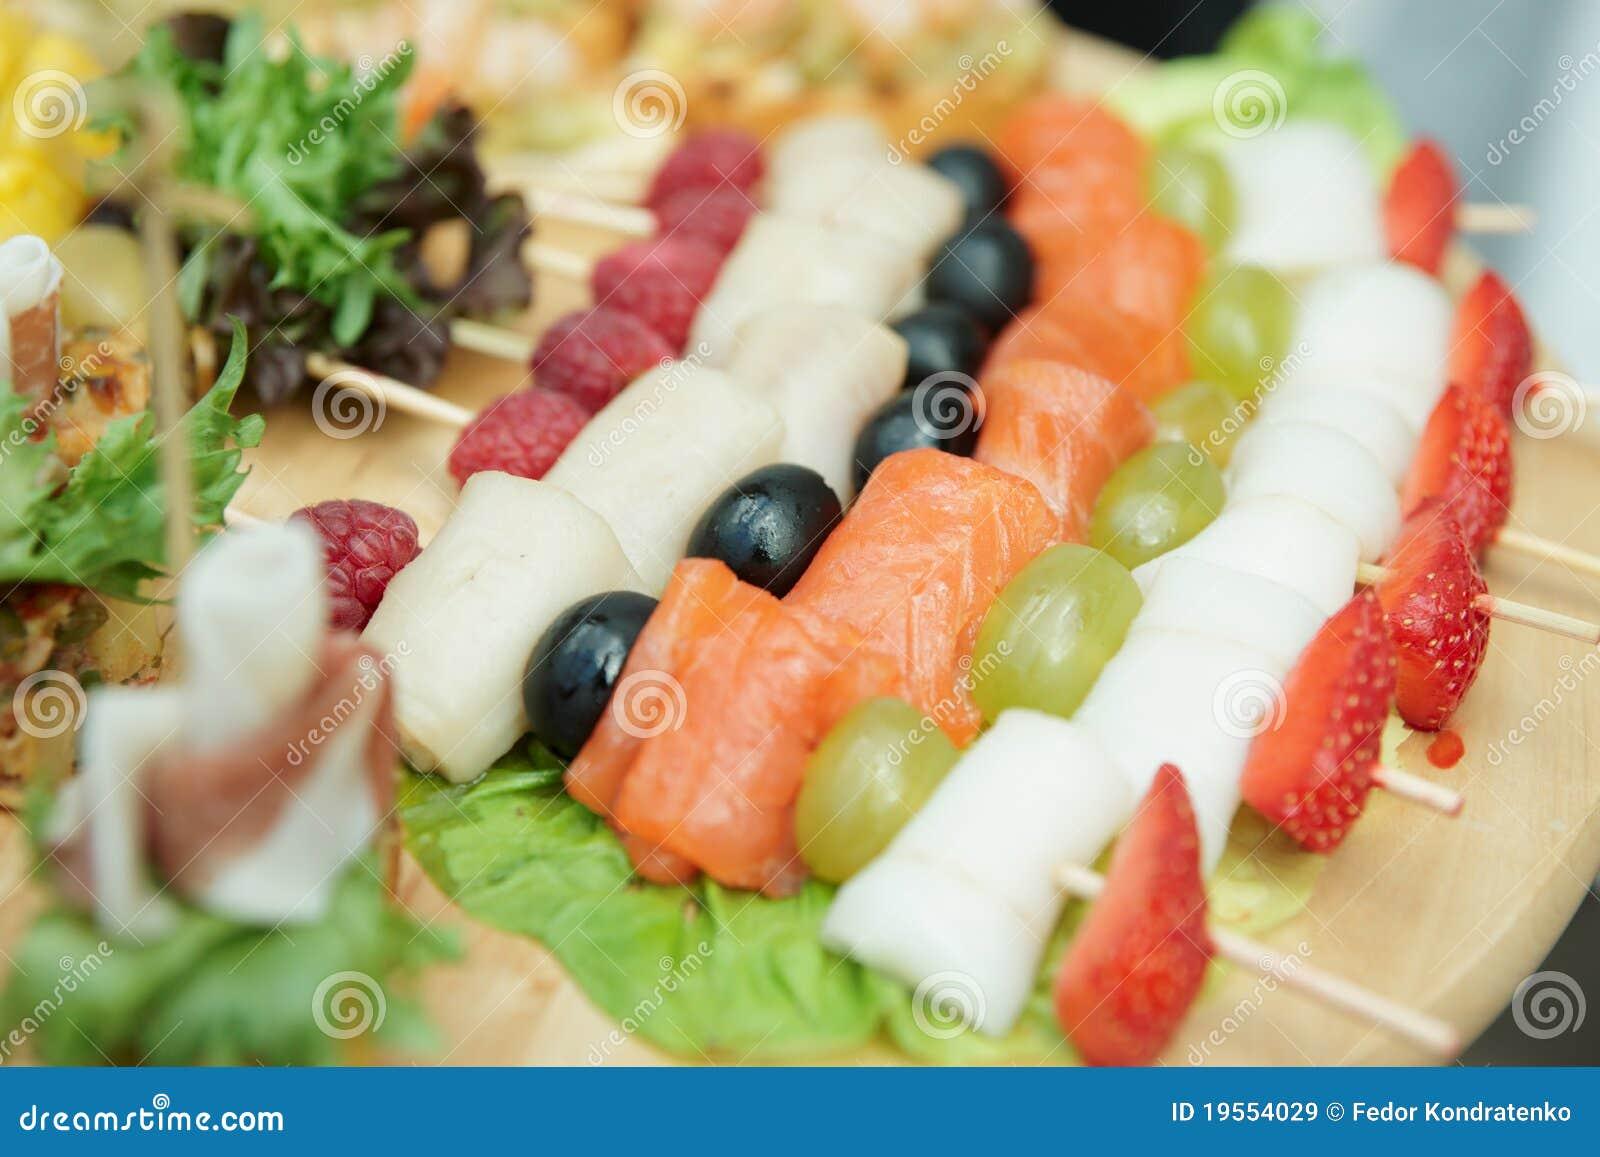 Canapes de color salmón, foco estrecho